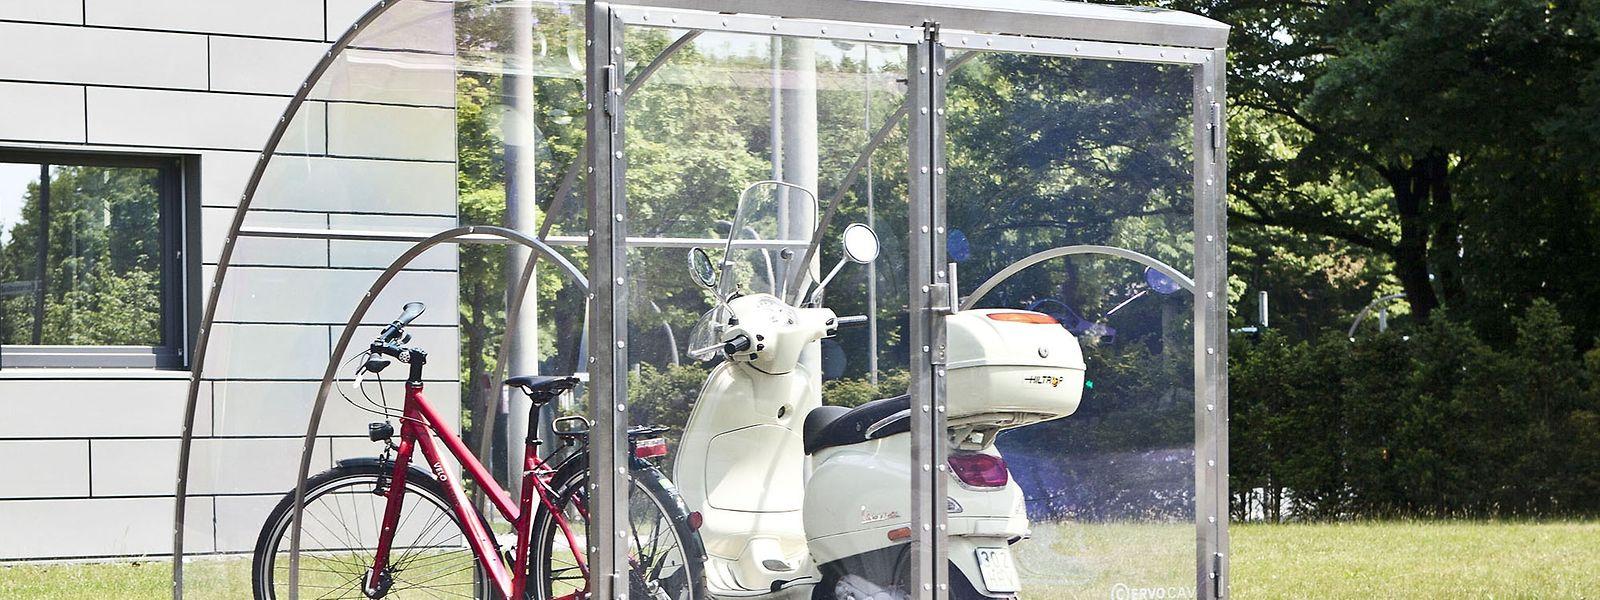 Eine abschließbare Garage wie hier von Cervotec (je nach Größe ab ca. 2800 Euro) verwahrt das eigene Fahrrad oder Moped sicher und wettergeschützt.